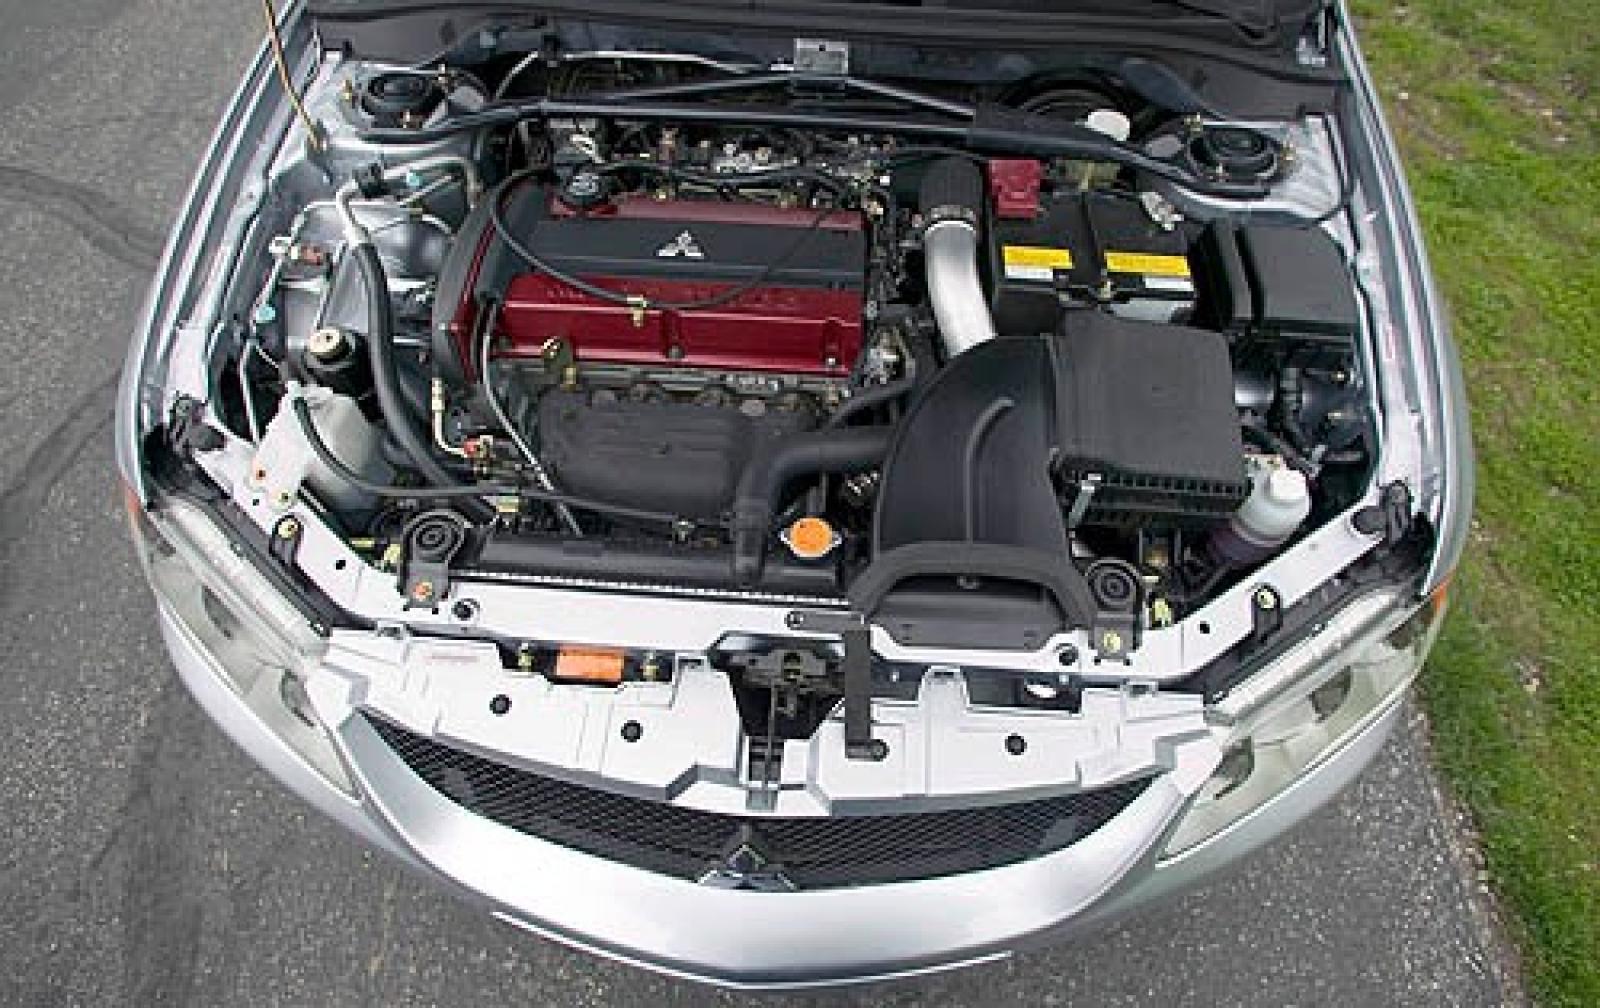 Mitsubishi 2004 mitsubishi lancer engine : 2006 Mitsubishi Lancer Evolution - Information and photos ...